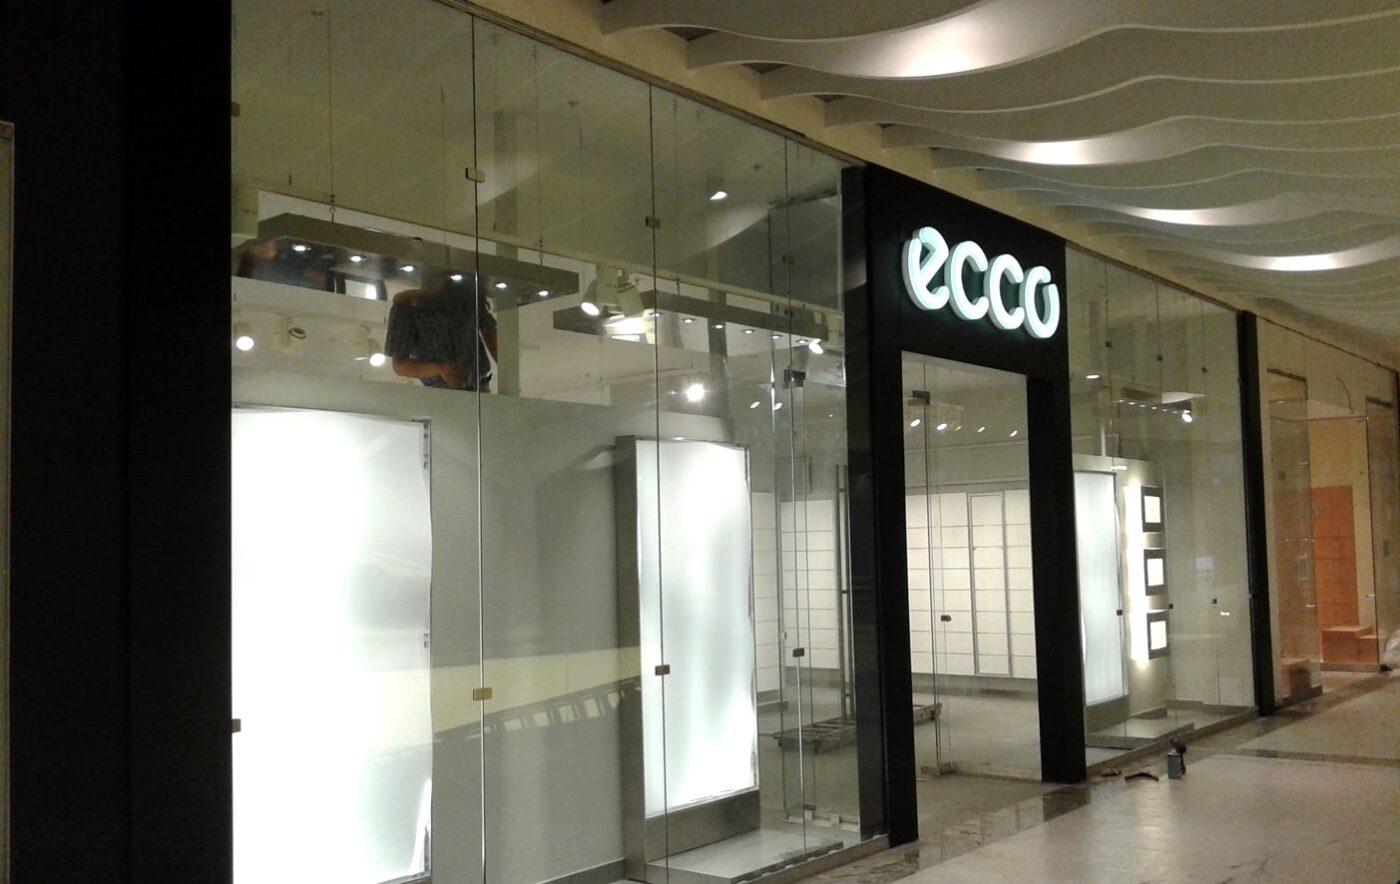 Интерьерная вывеска Ecco